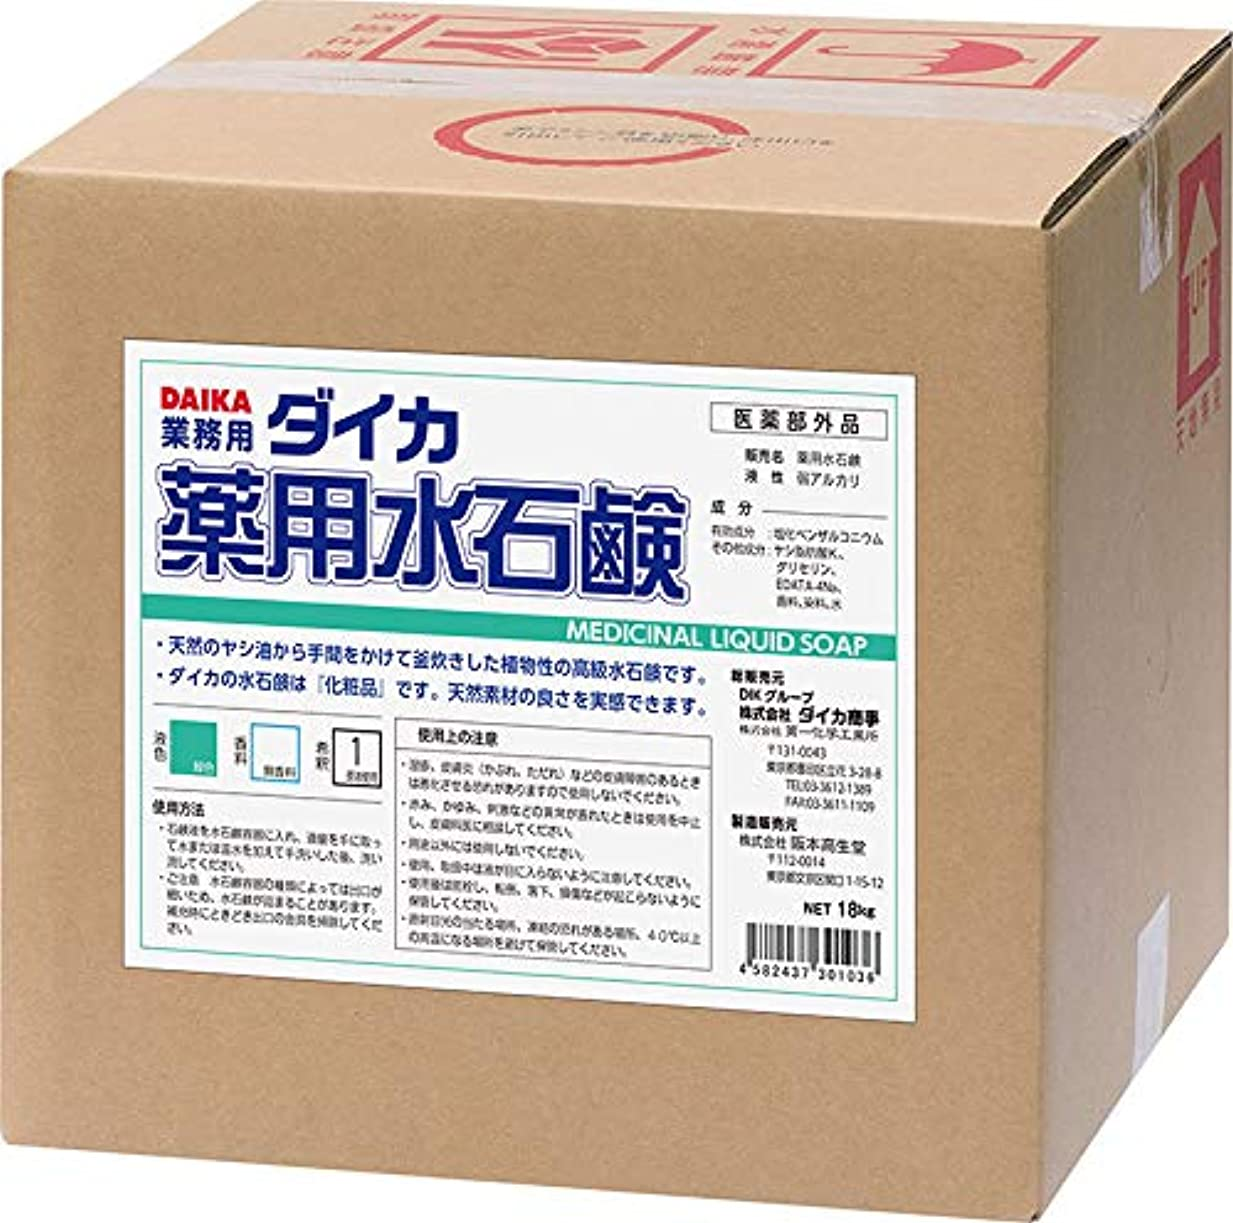 いとこ偽造勇者【医薬部外品】業務用 ハンドソープ ダイカ 薬用 水石鹸 MGN 18kg